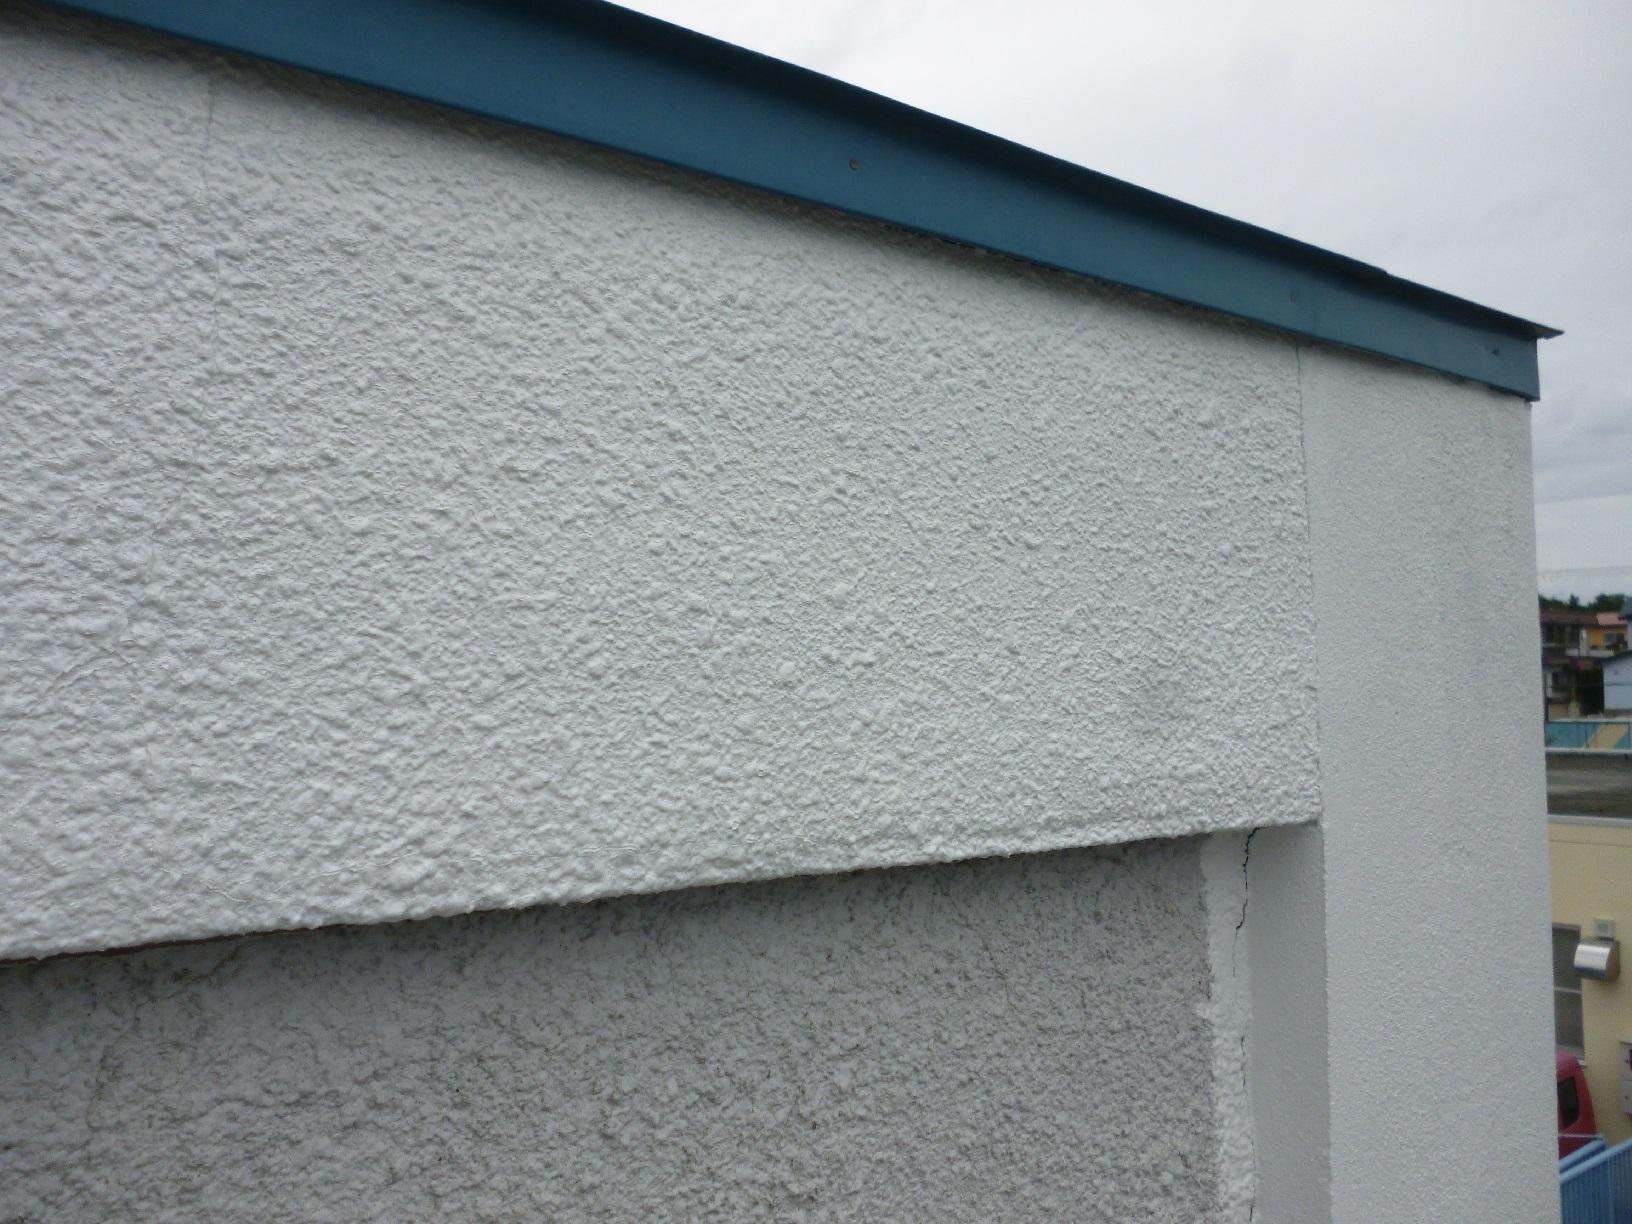 茶内 仮想店舗 外壁塗装3